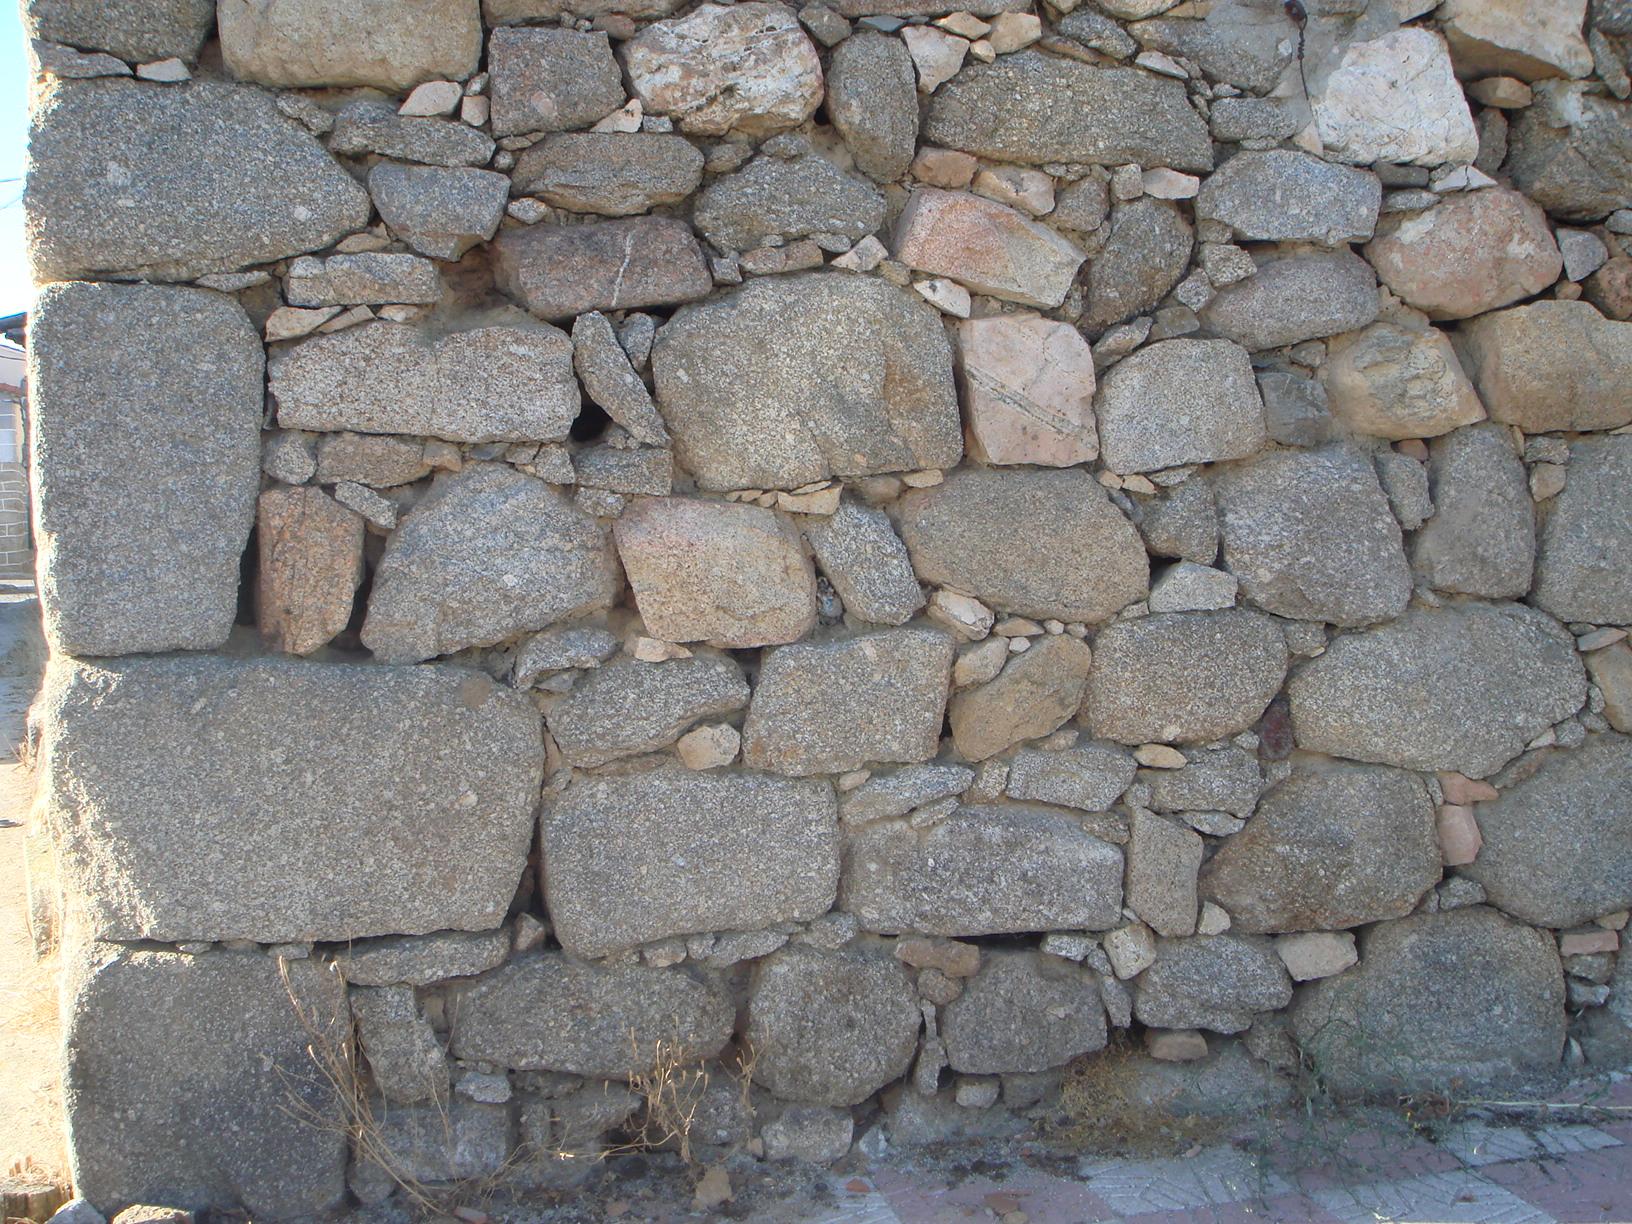 Ingenieria civil ucc materiales de construccion octubre 2012 - Piedras para construccion ...